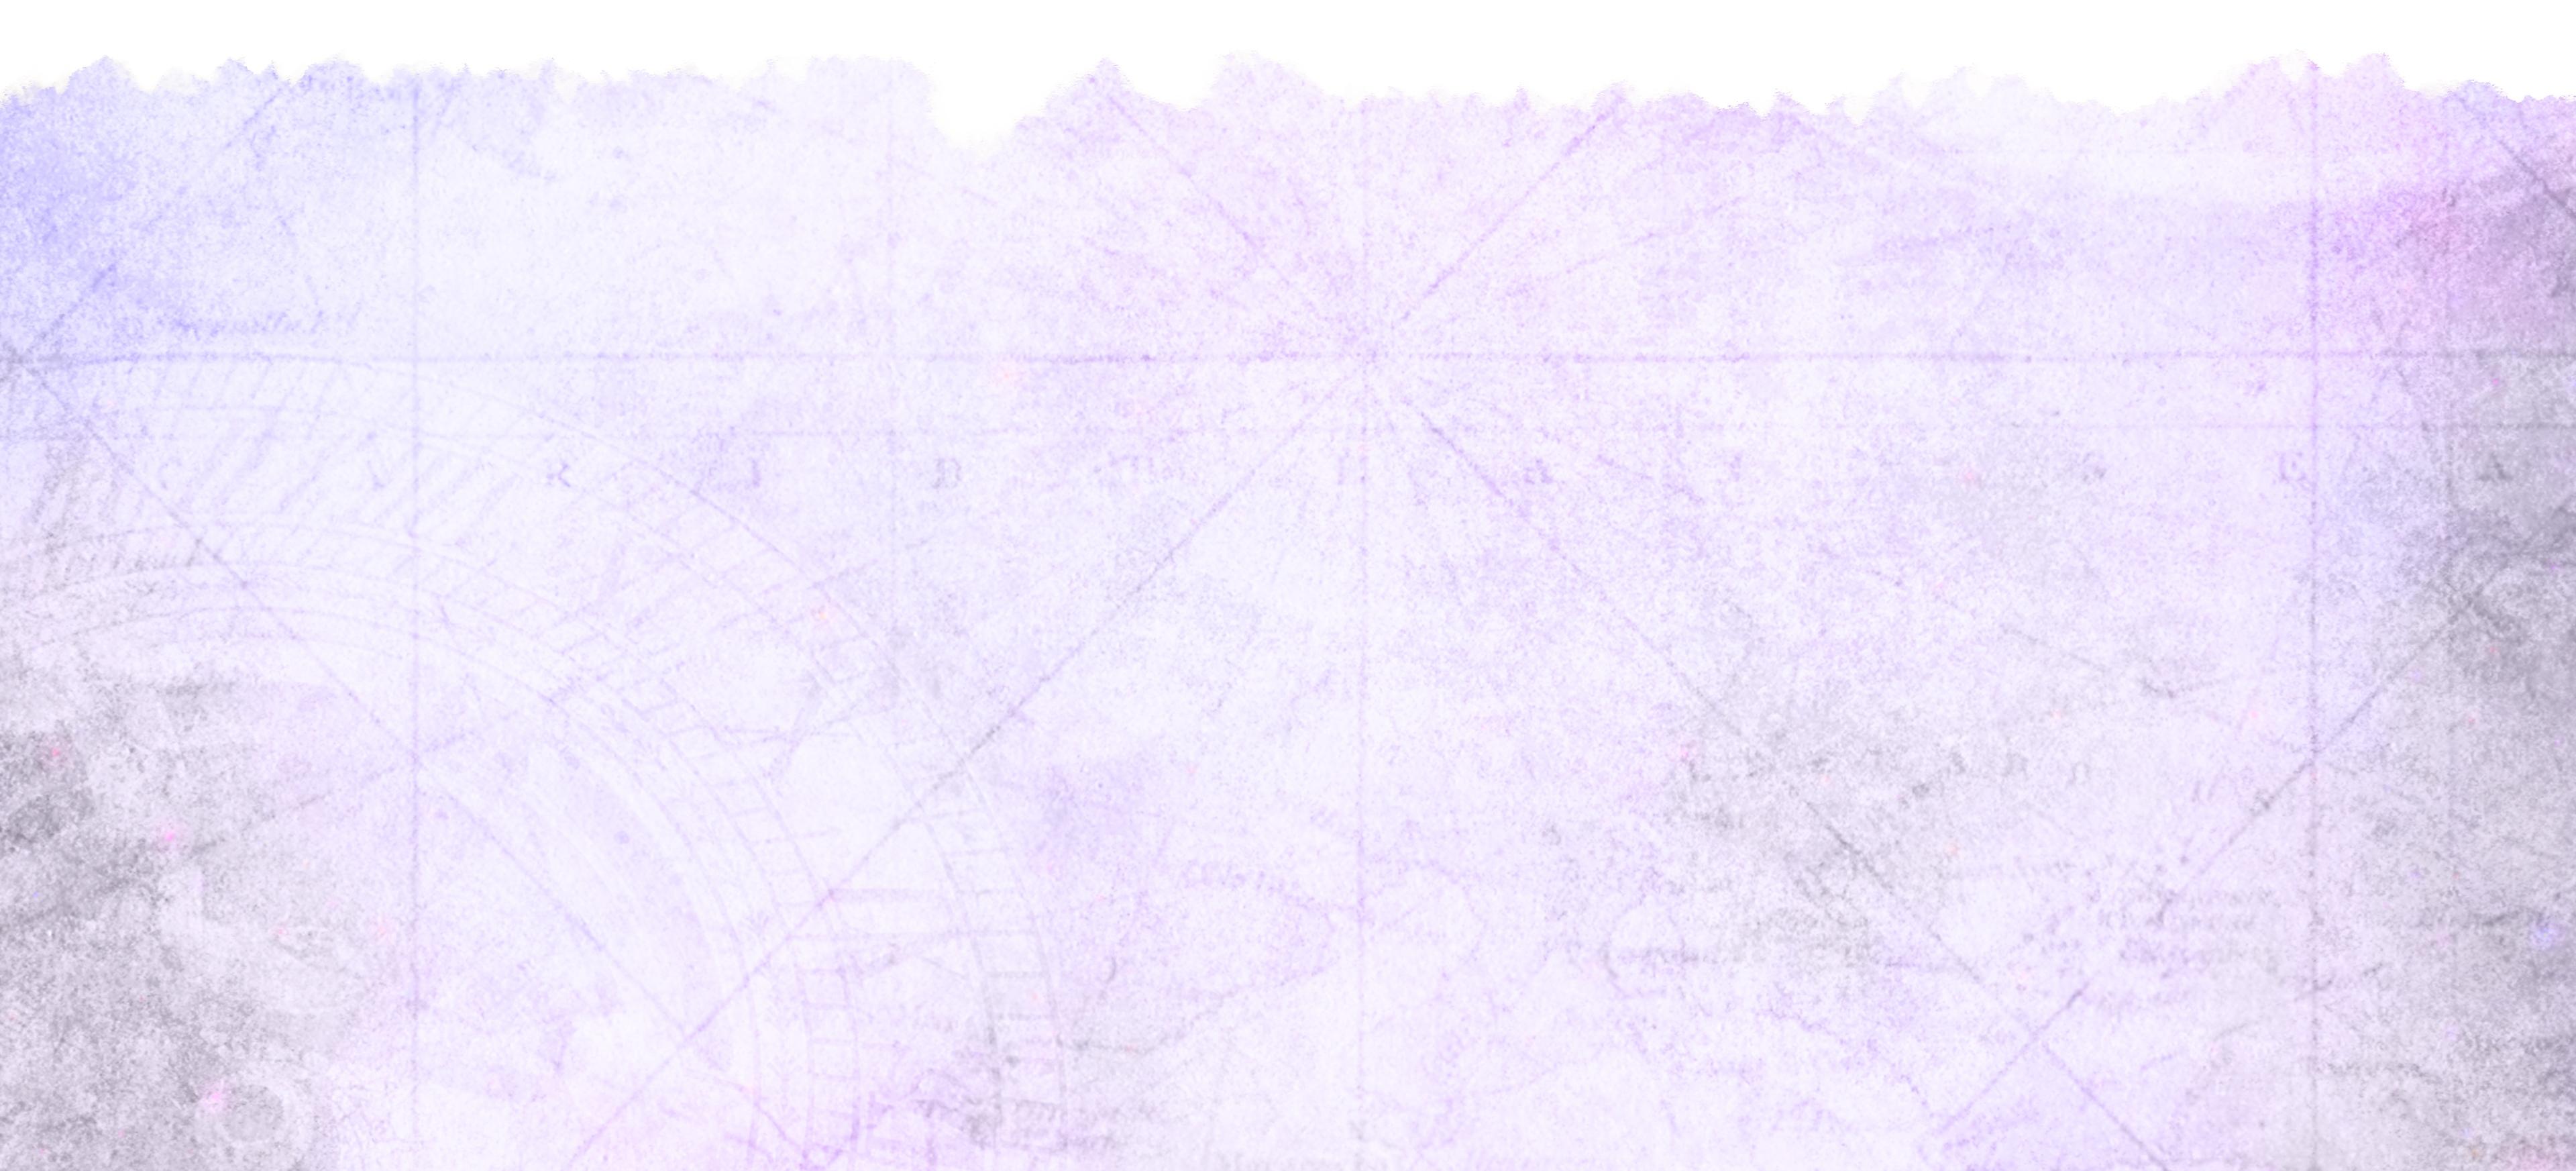 Pozadie mapy galaxie